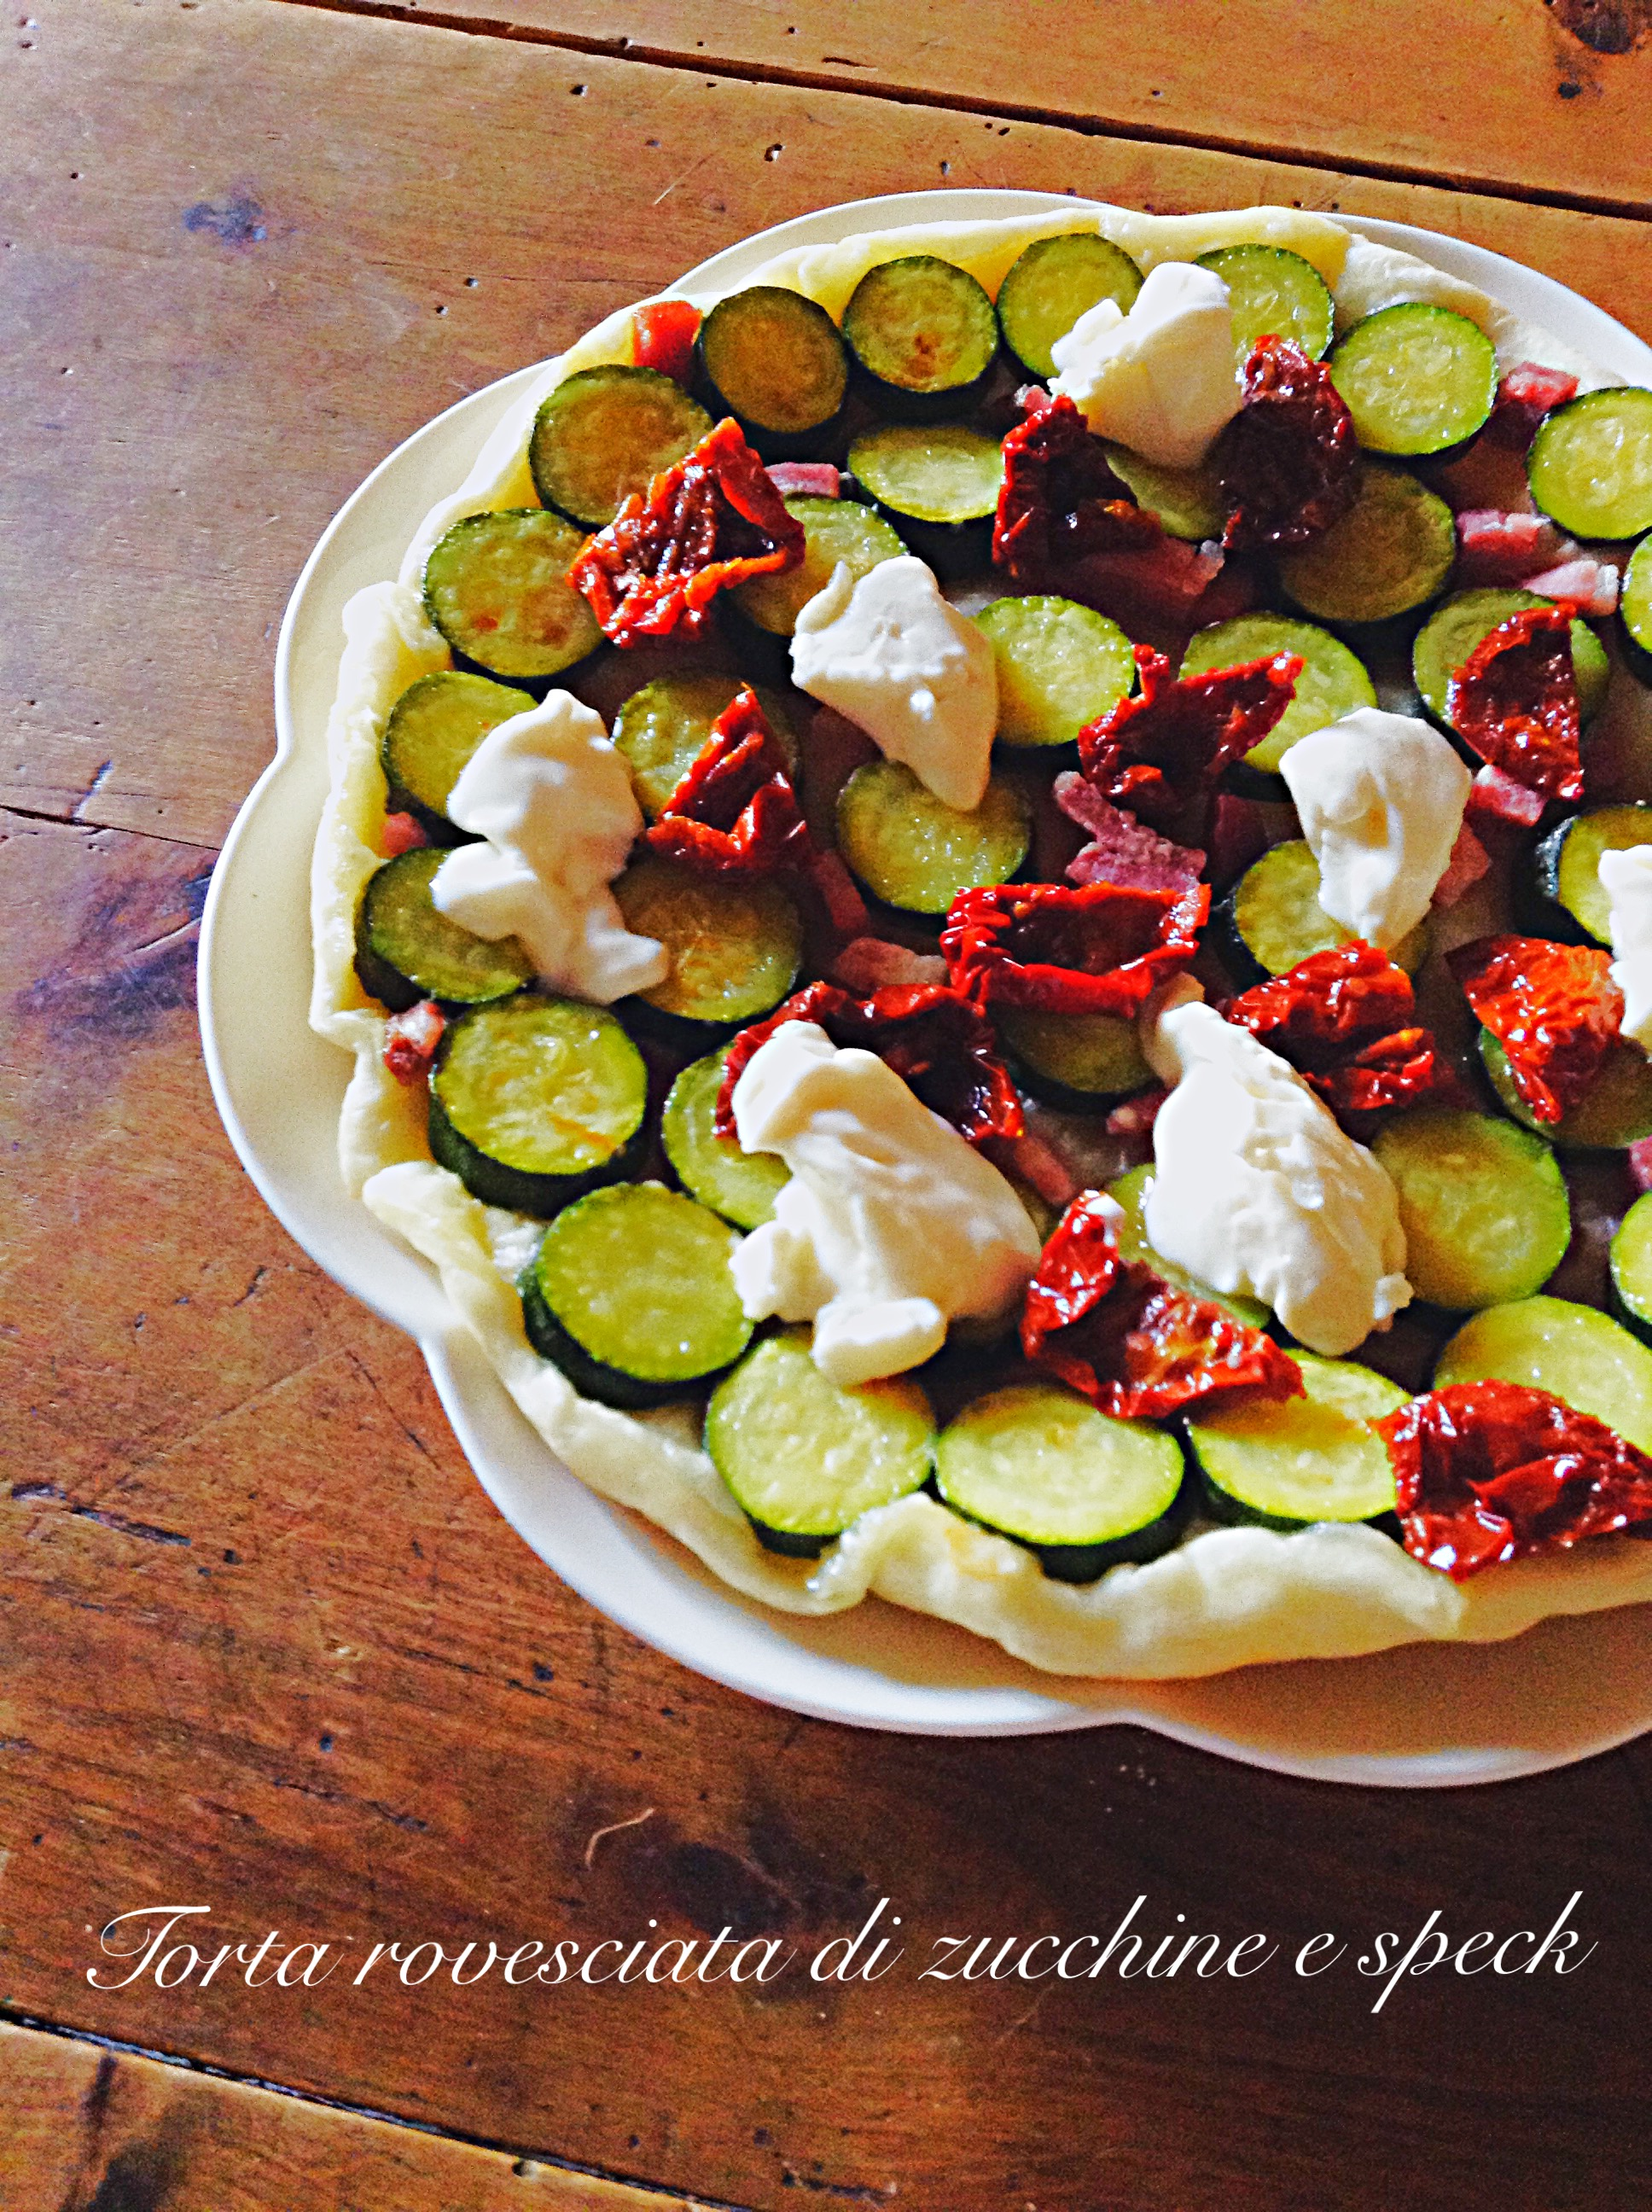 Torta rovesciata di zucchine e speck 3